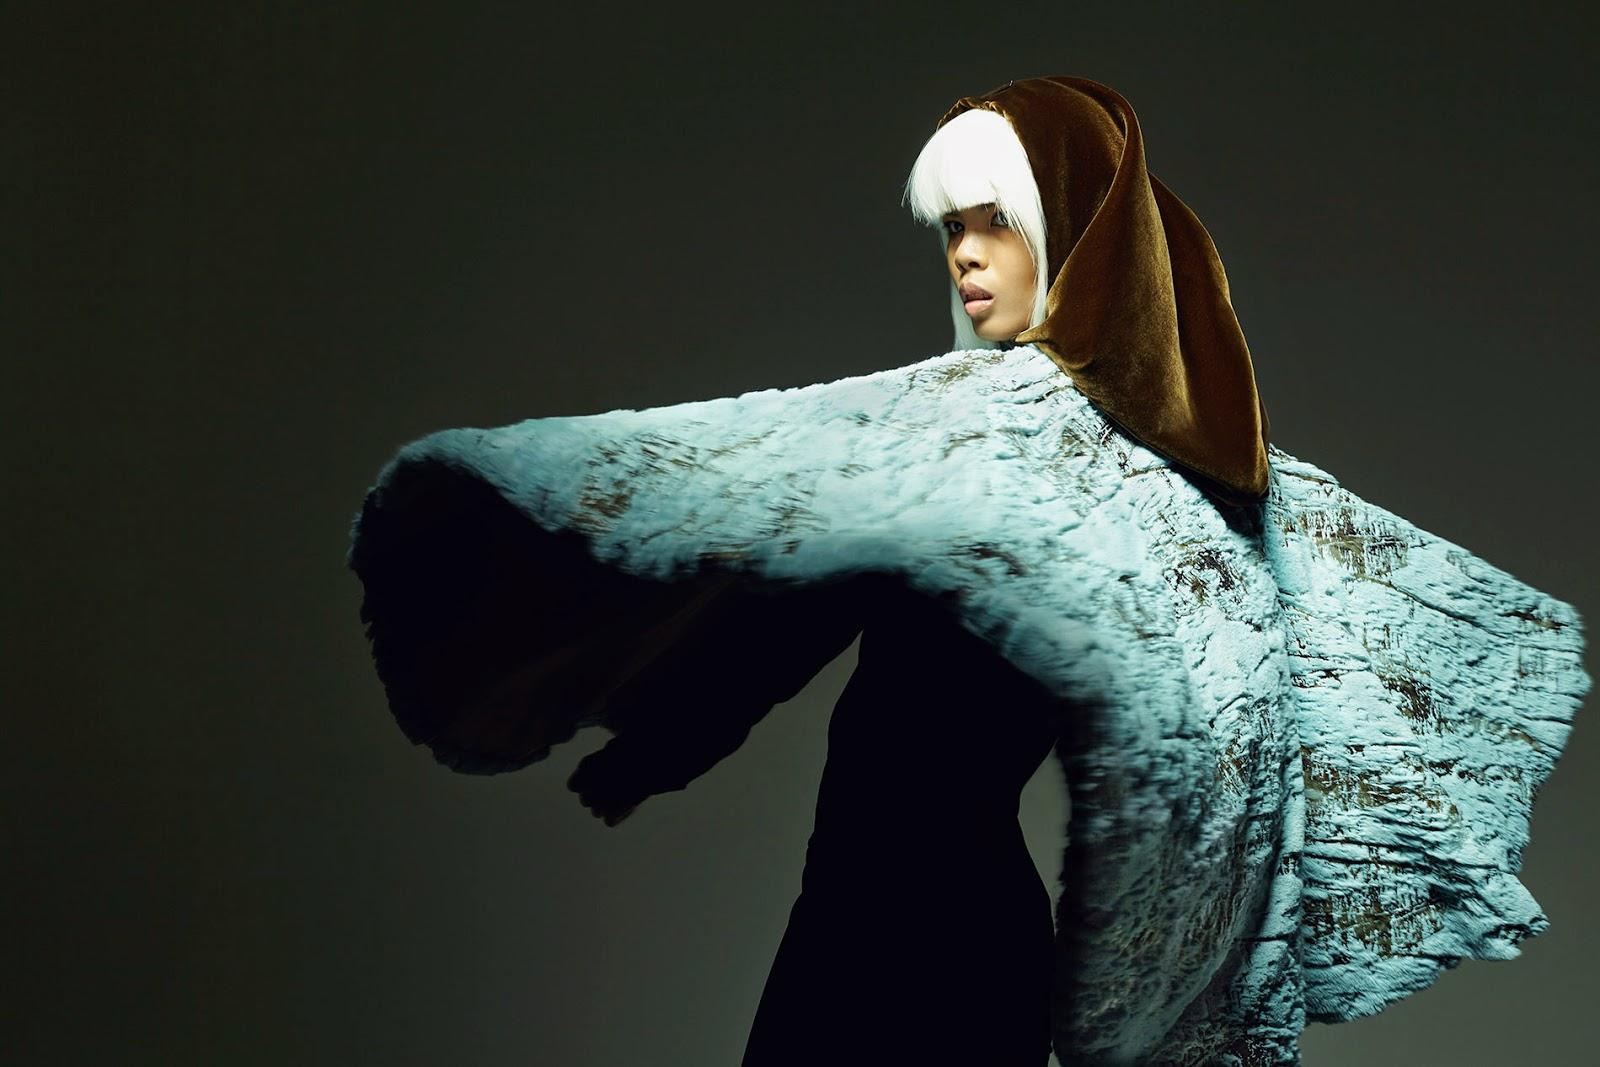 Marbys Negretti, Capas, Moda, Fashion, Style, Swarovski, Christmas, New Collection, InStyle, Looks, Party, Blog de Moda